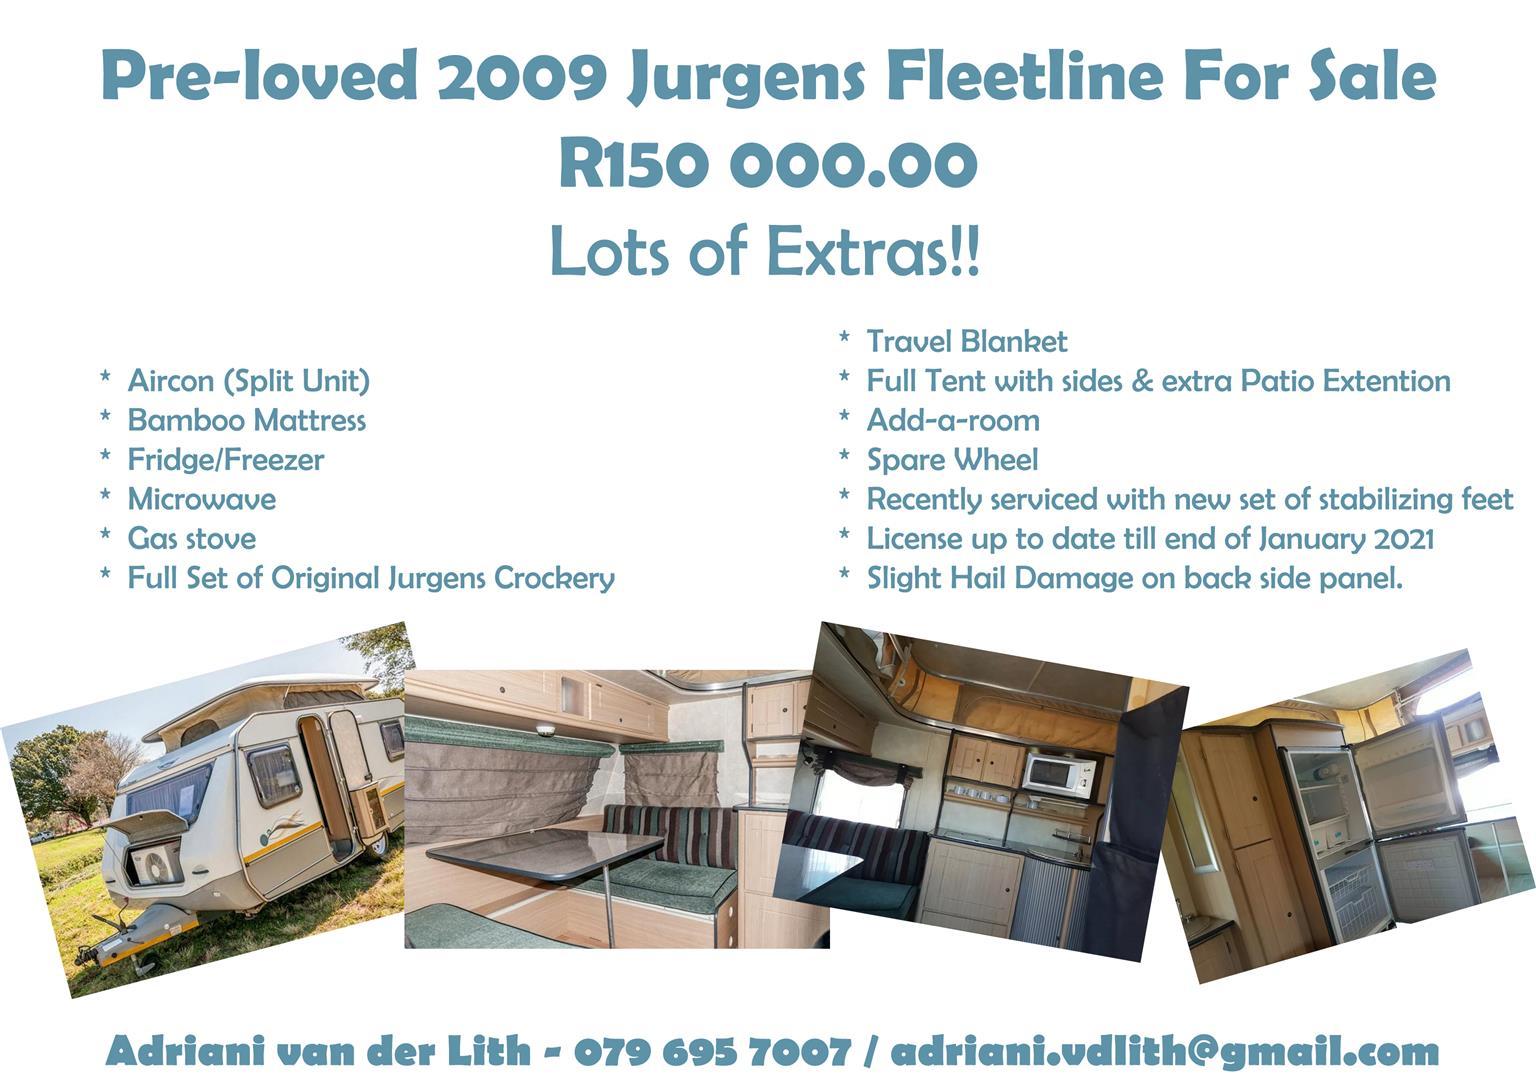 Pre-loved 2009 Jurgens Fleetline